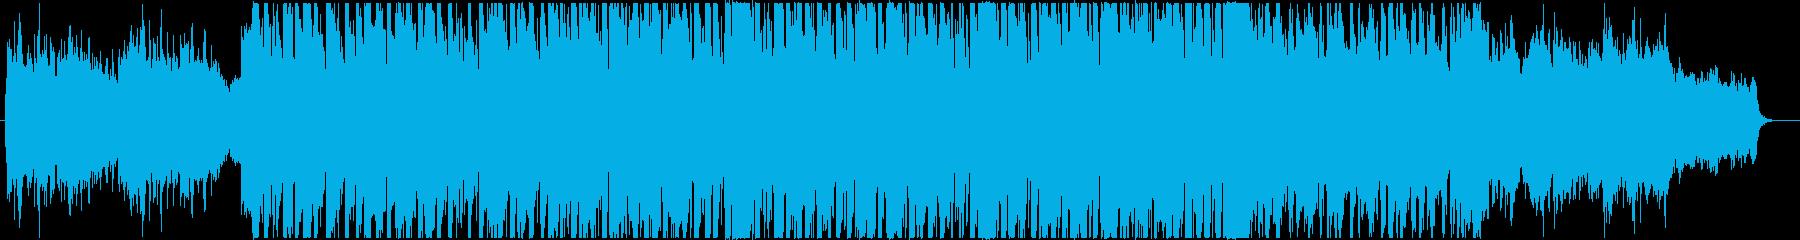 ヴァイオリンの元気な企業VPコーポレートの再生済みの波形